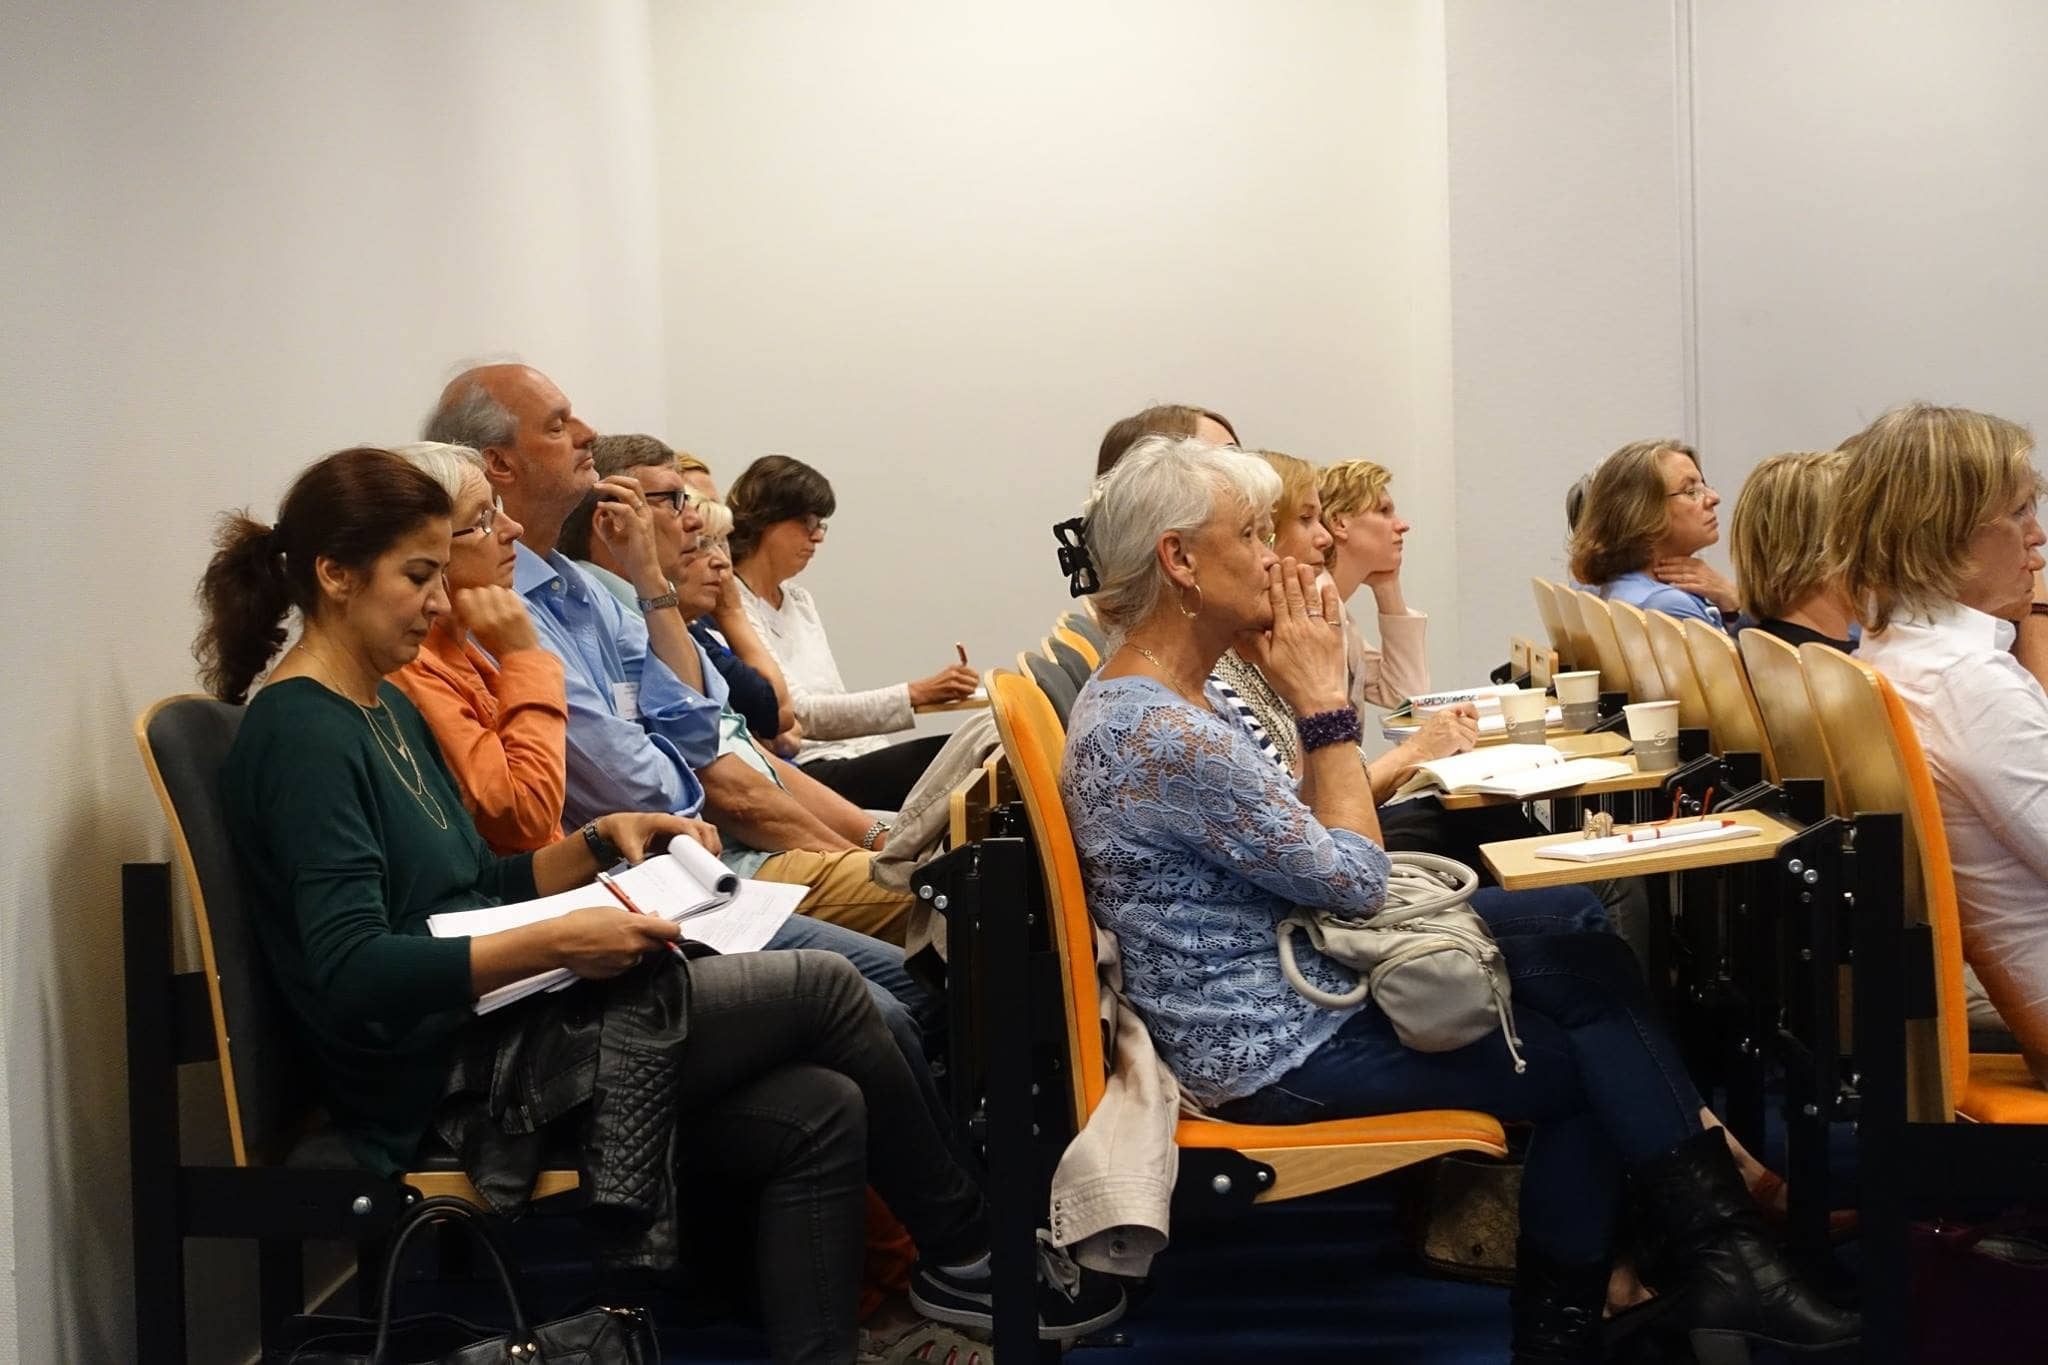 Seminar, Innovatief, Leren, Breda, Avans, Hogeschool, onderwijs, hbo, universiteit